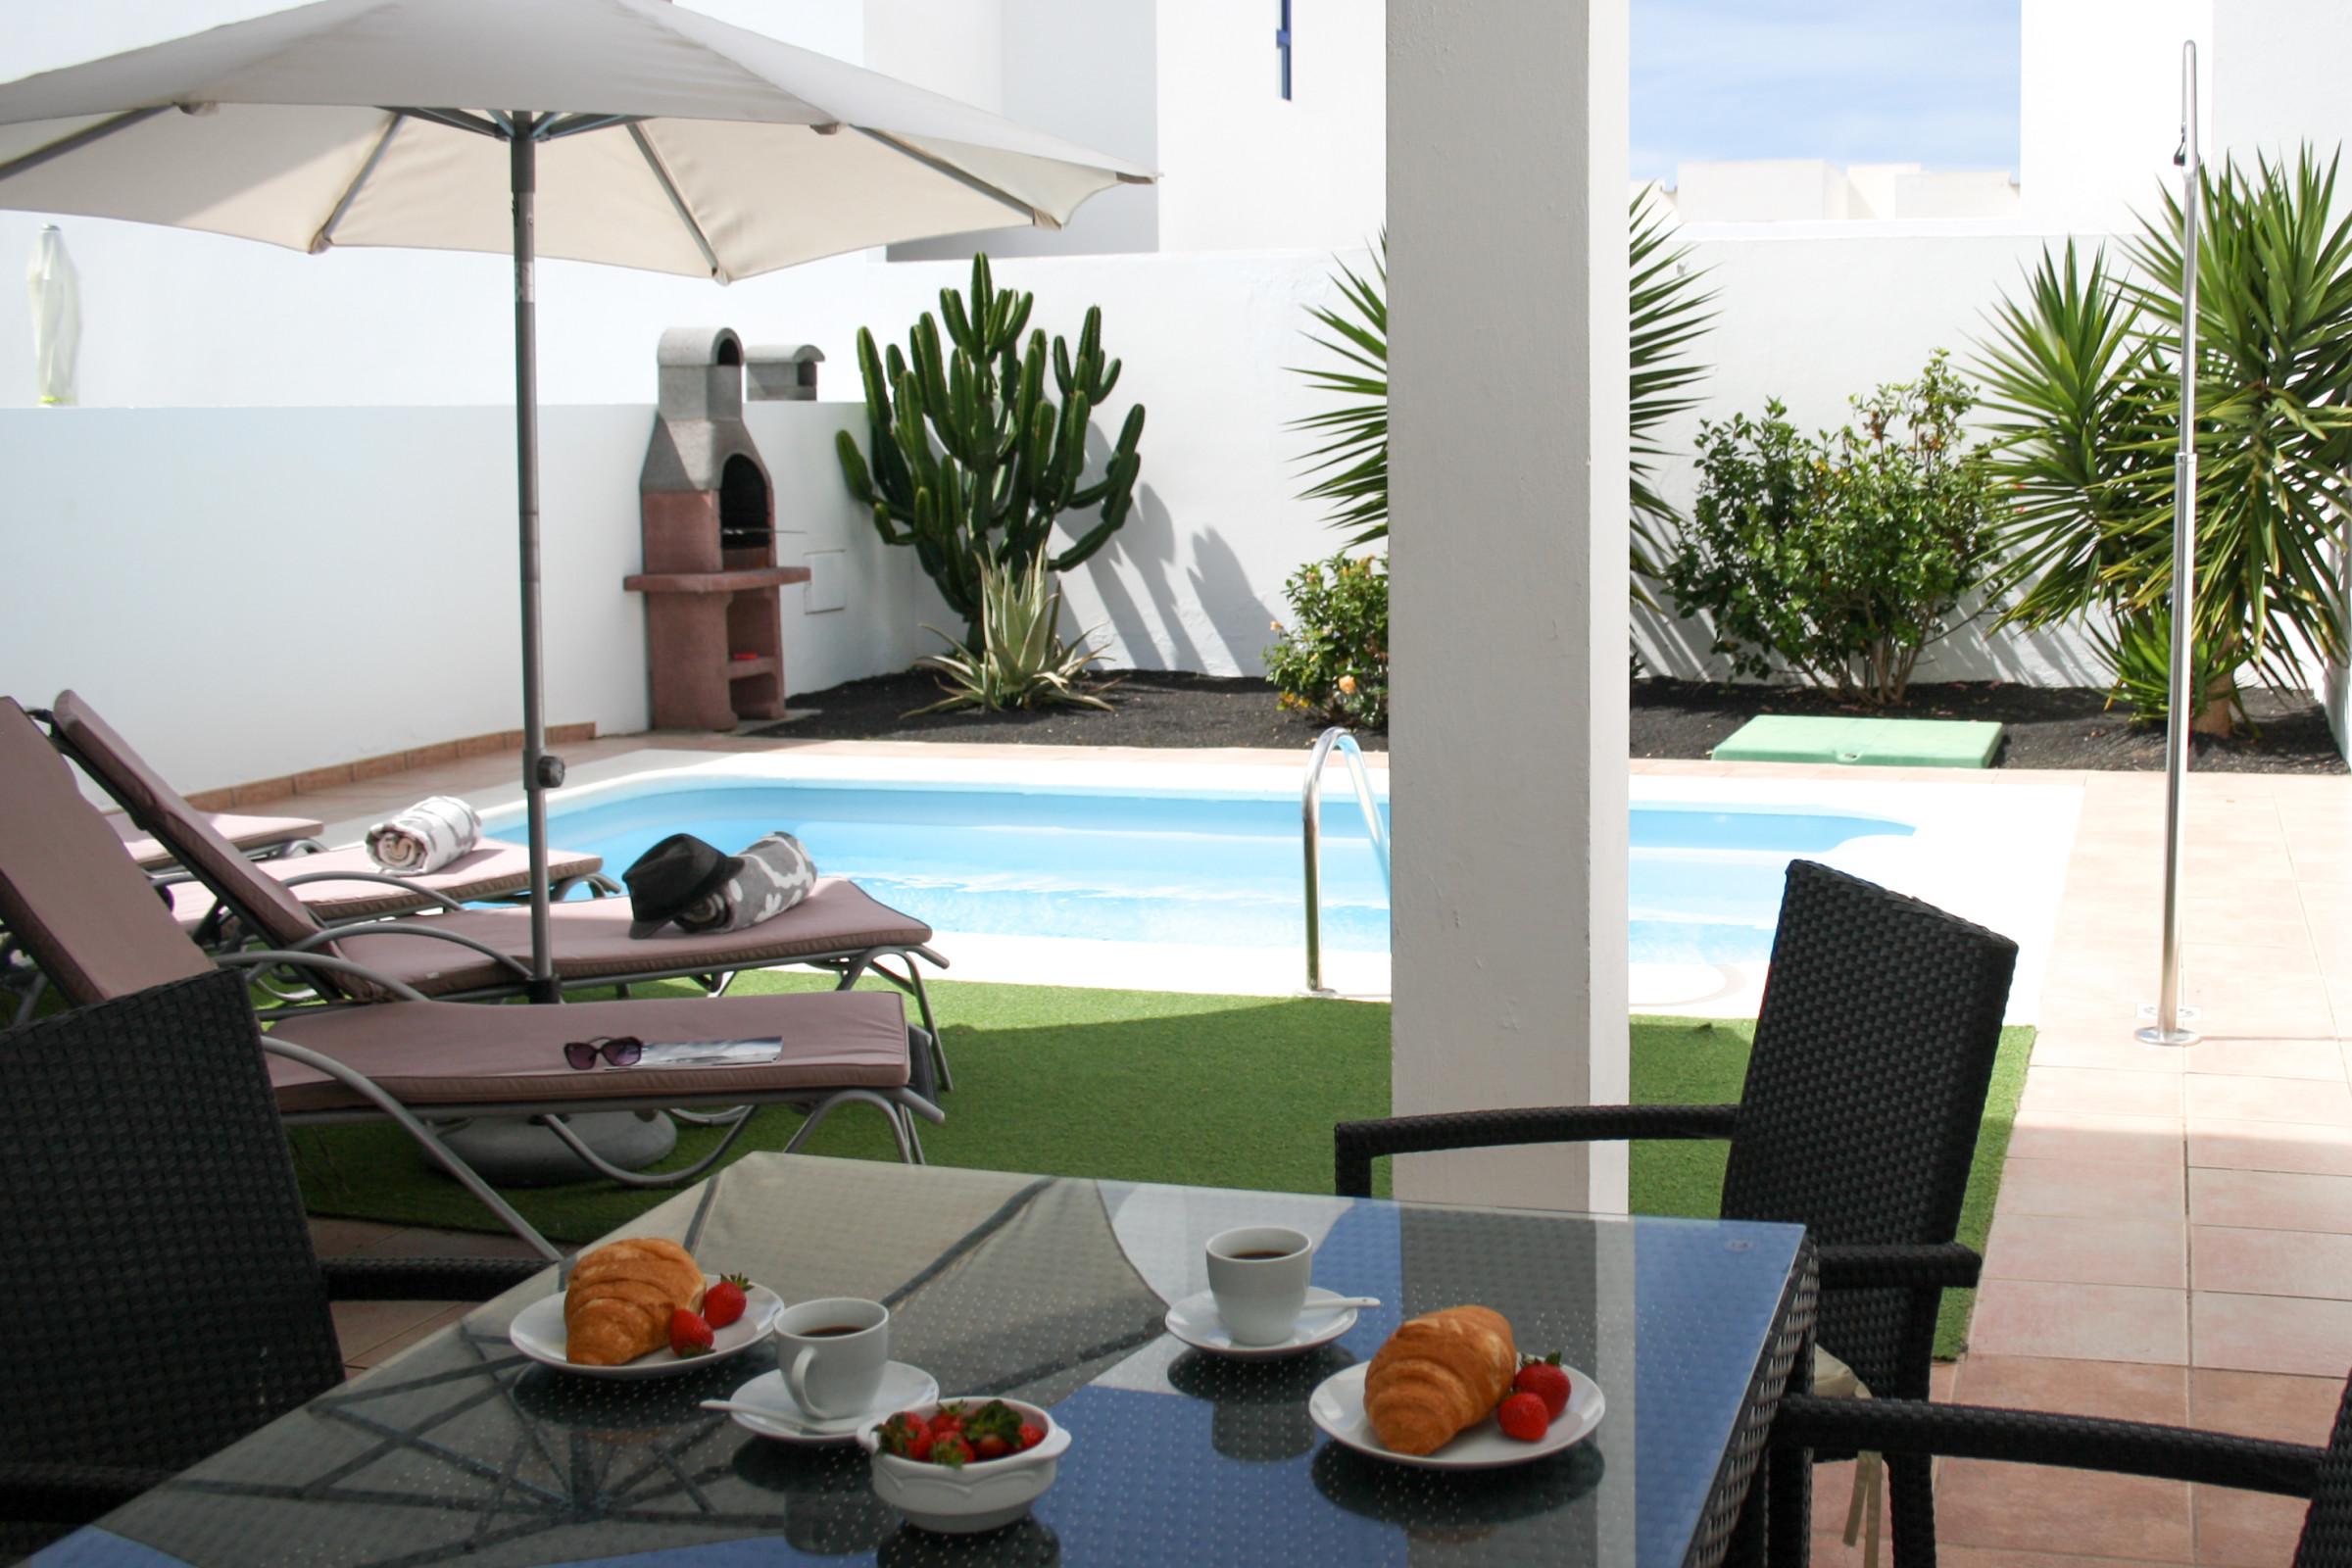 Villa Vera 3bed Terraced Villa With Private Pool In Playa Blanca  # Muebles Kitea Lanzarote